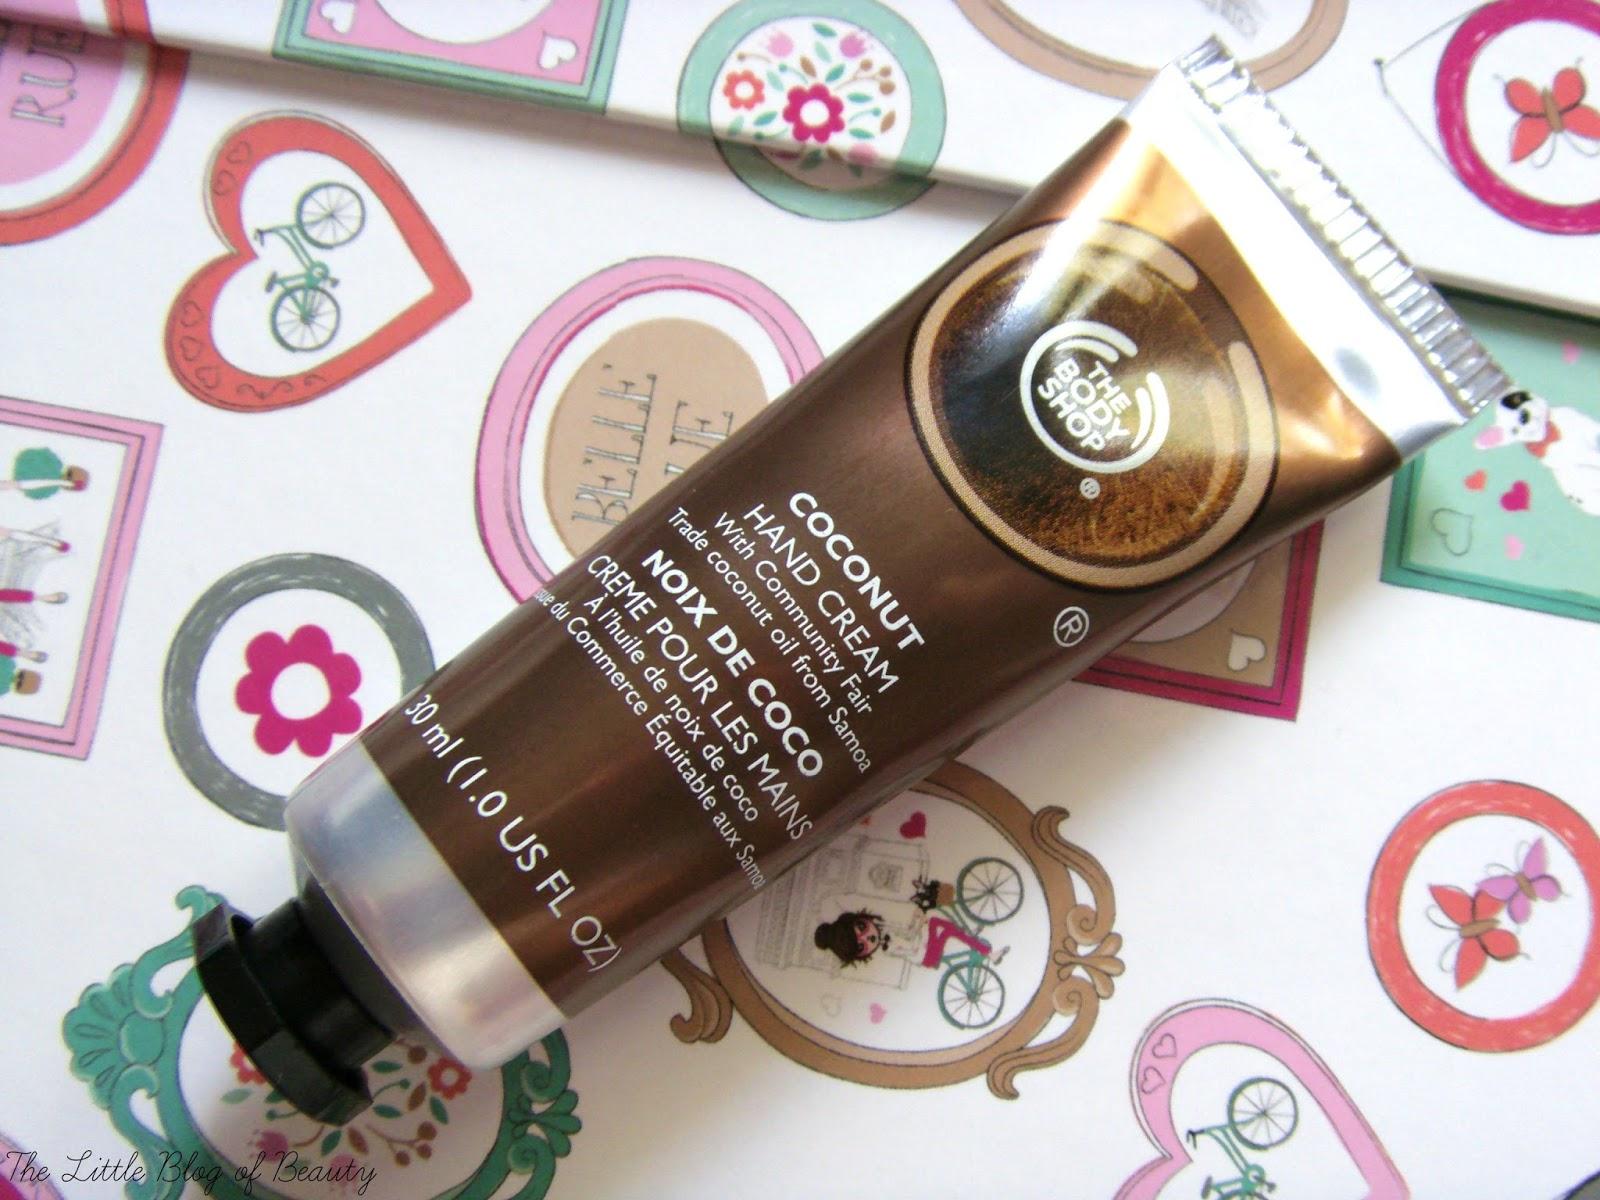 The Body Shop mini Coconut hand cream